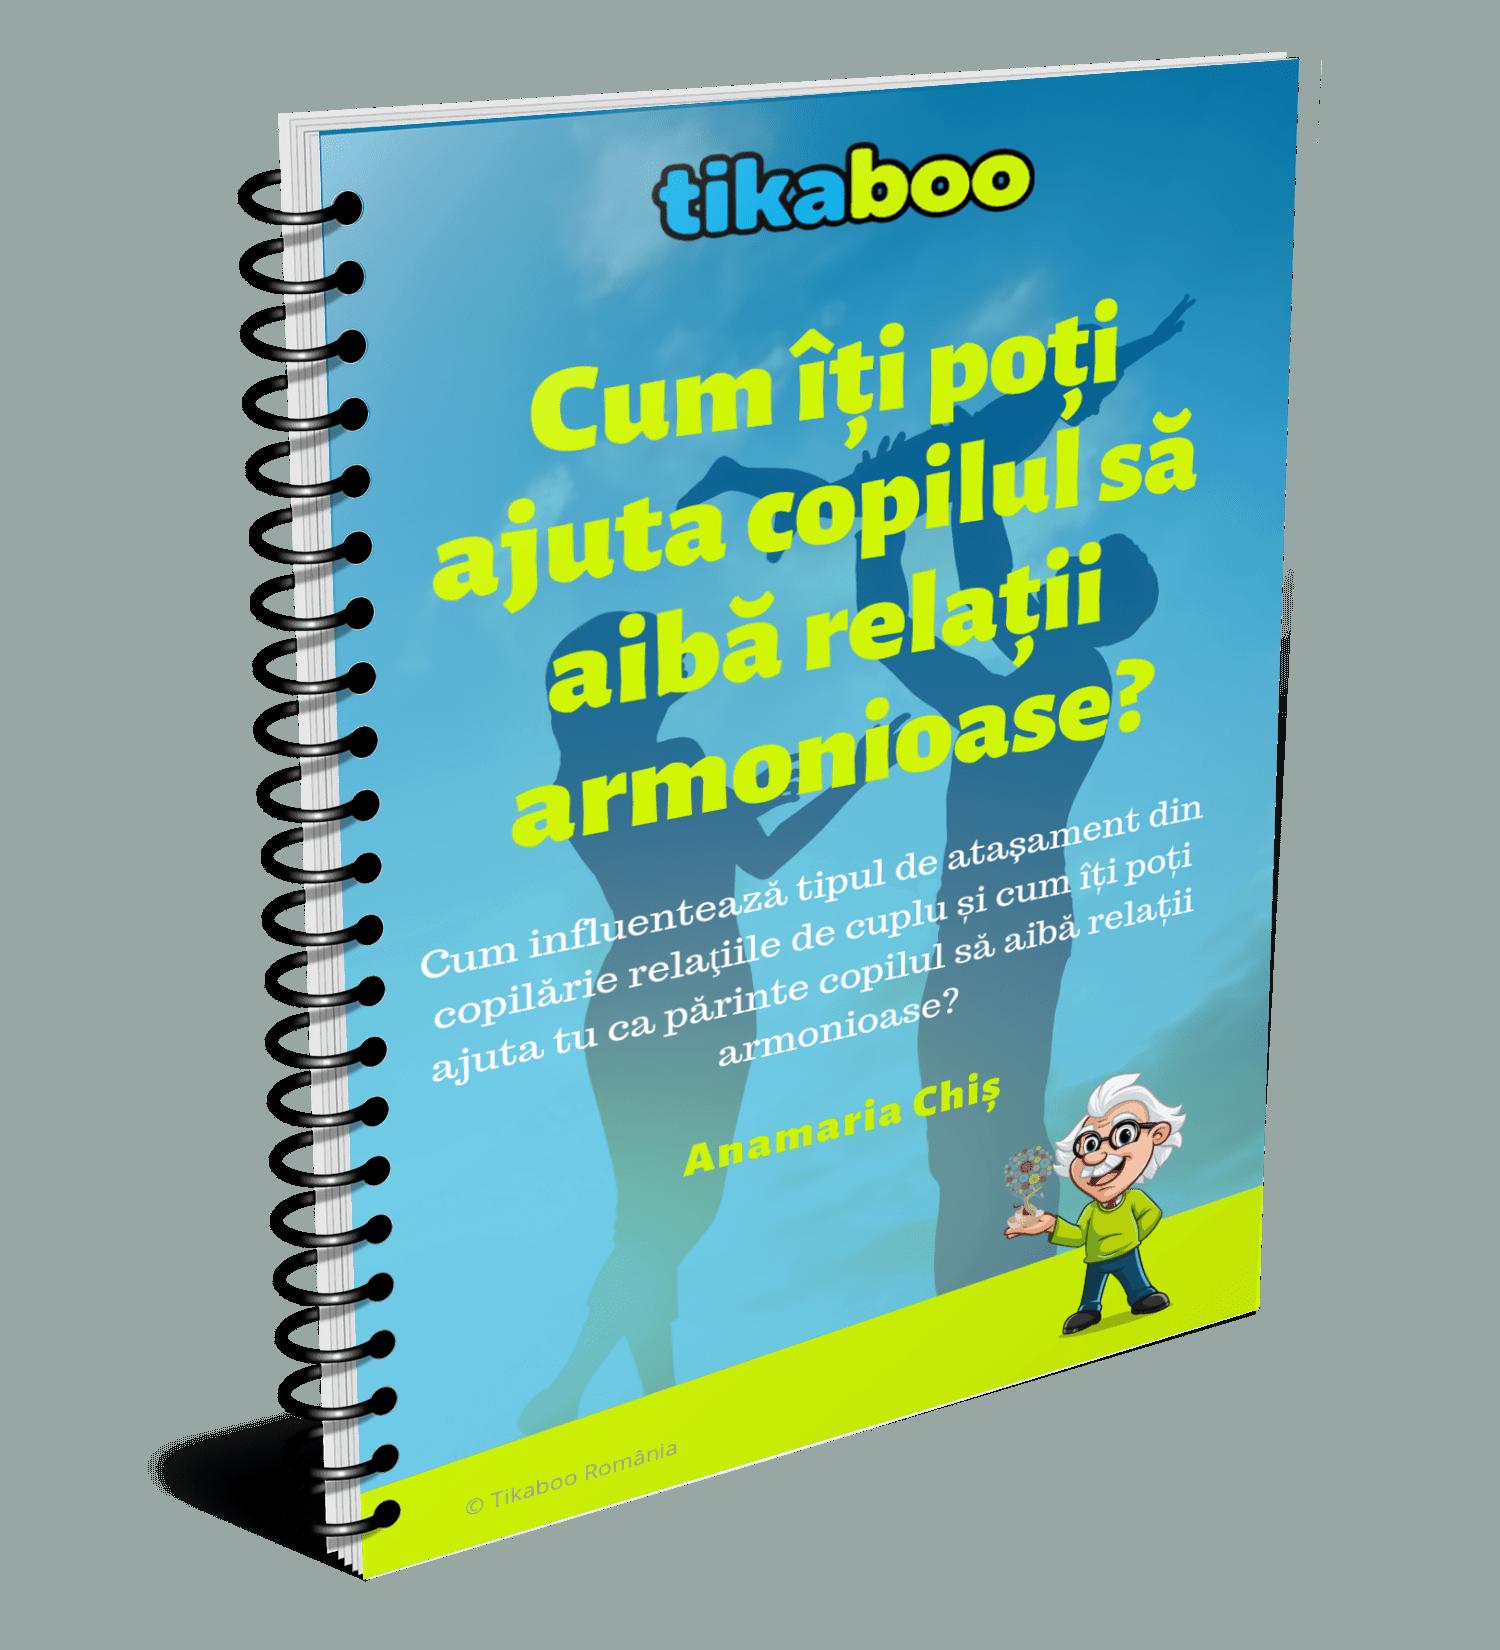 Cadourile Tikaboo – Obține materiale educaționale gratuite 13